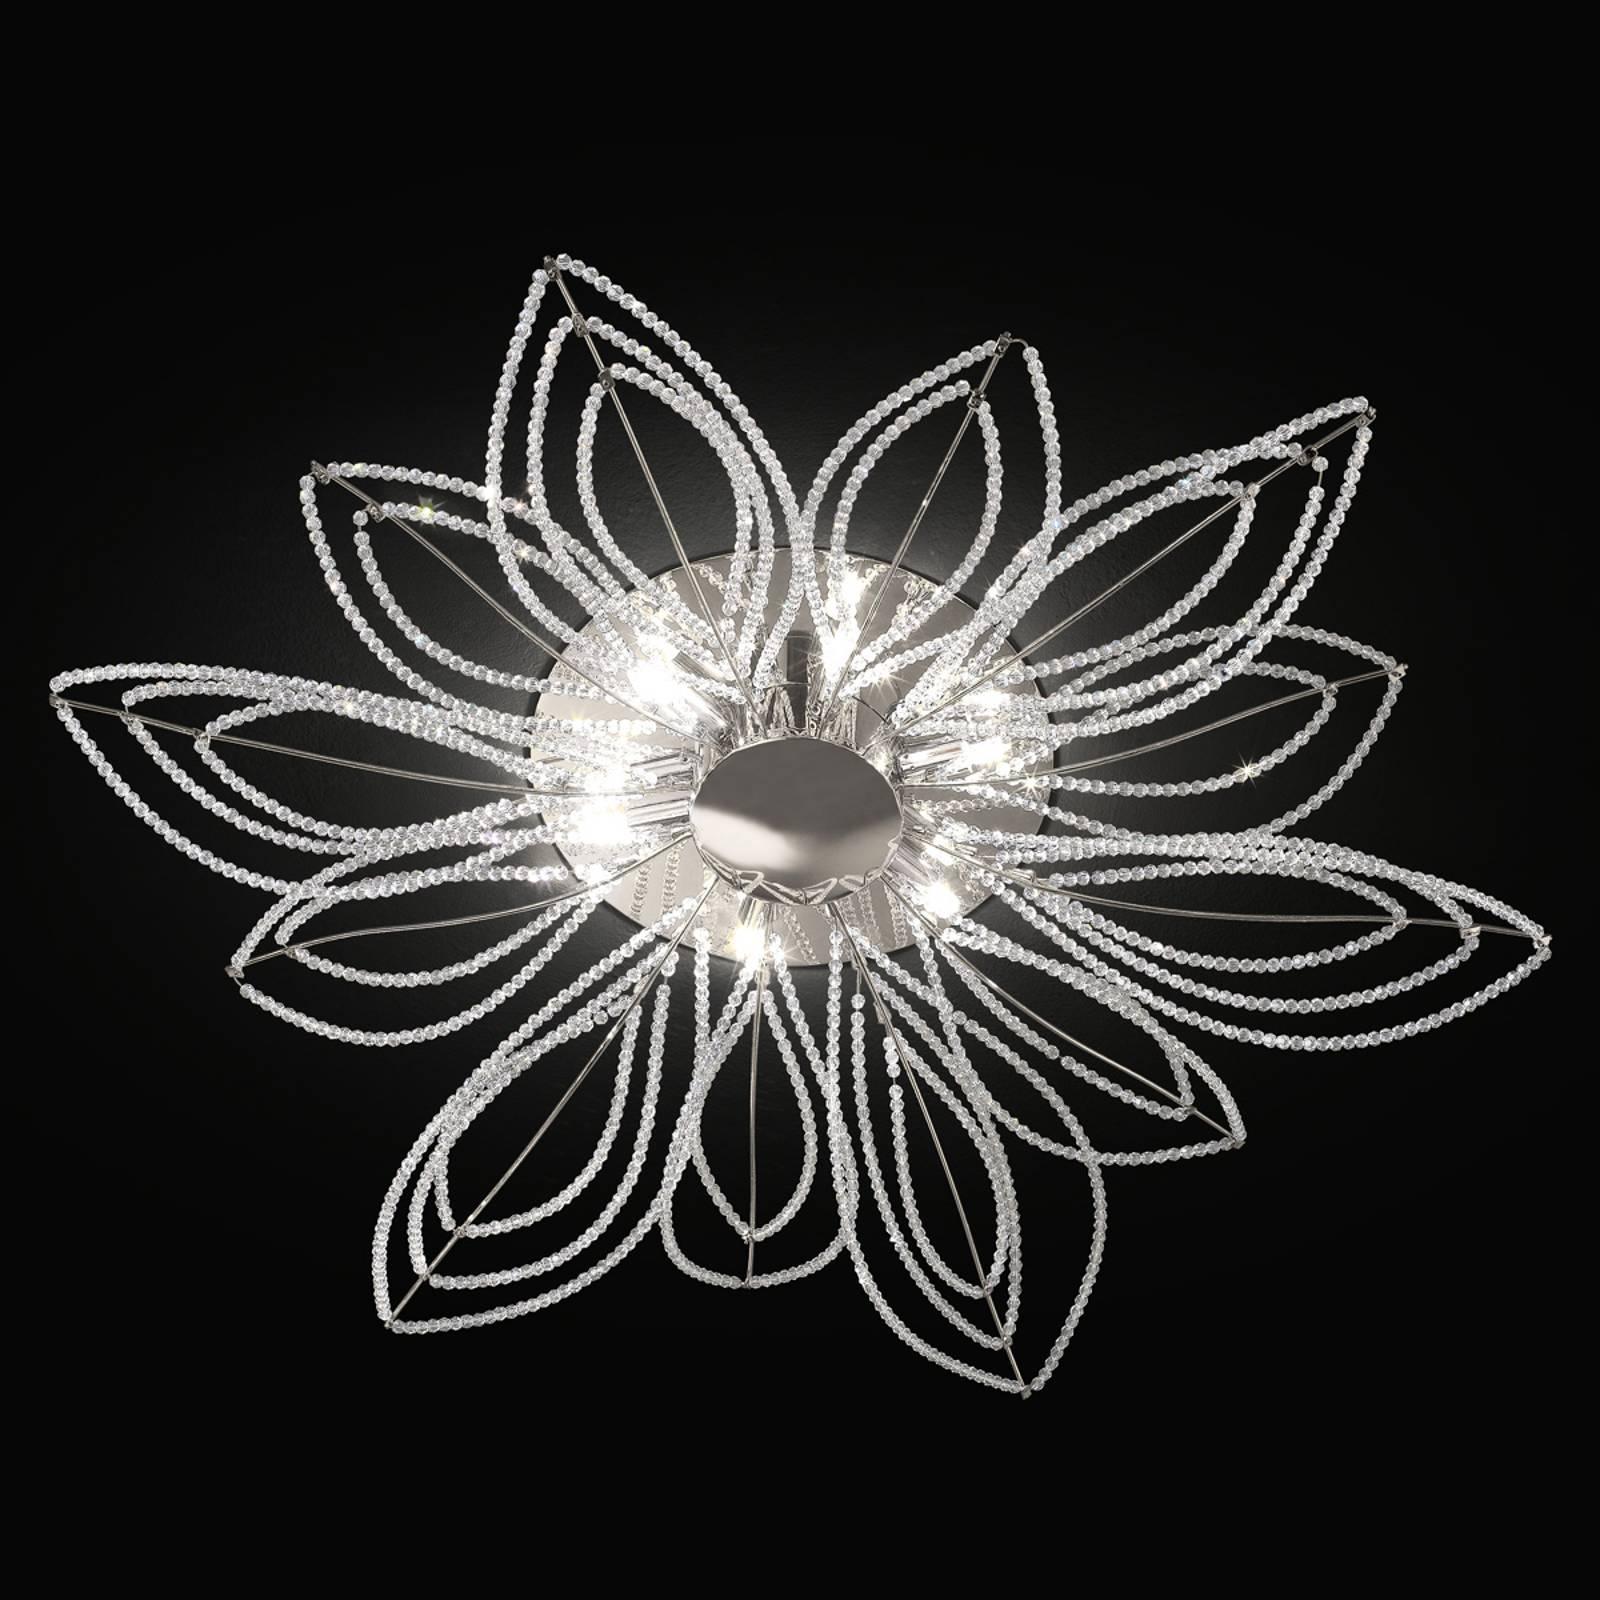 Kattovalaisin Girasole kukan muotoisena, 70 cm